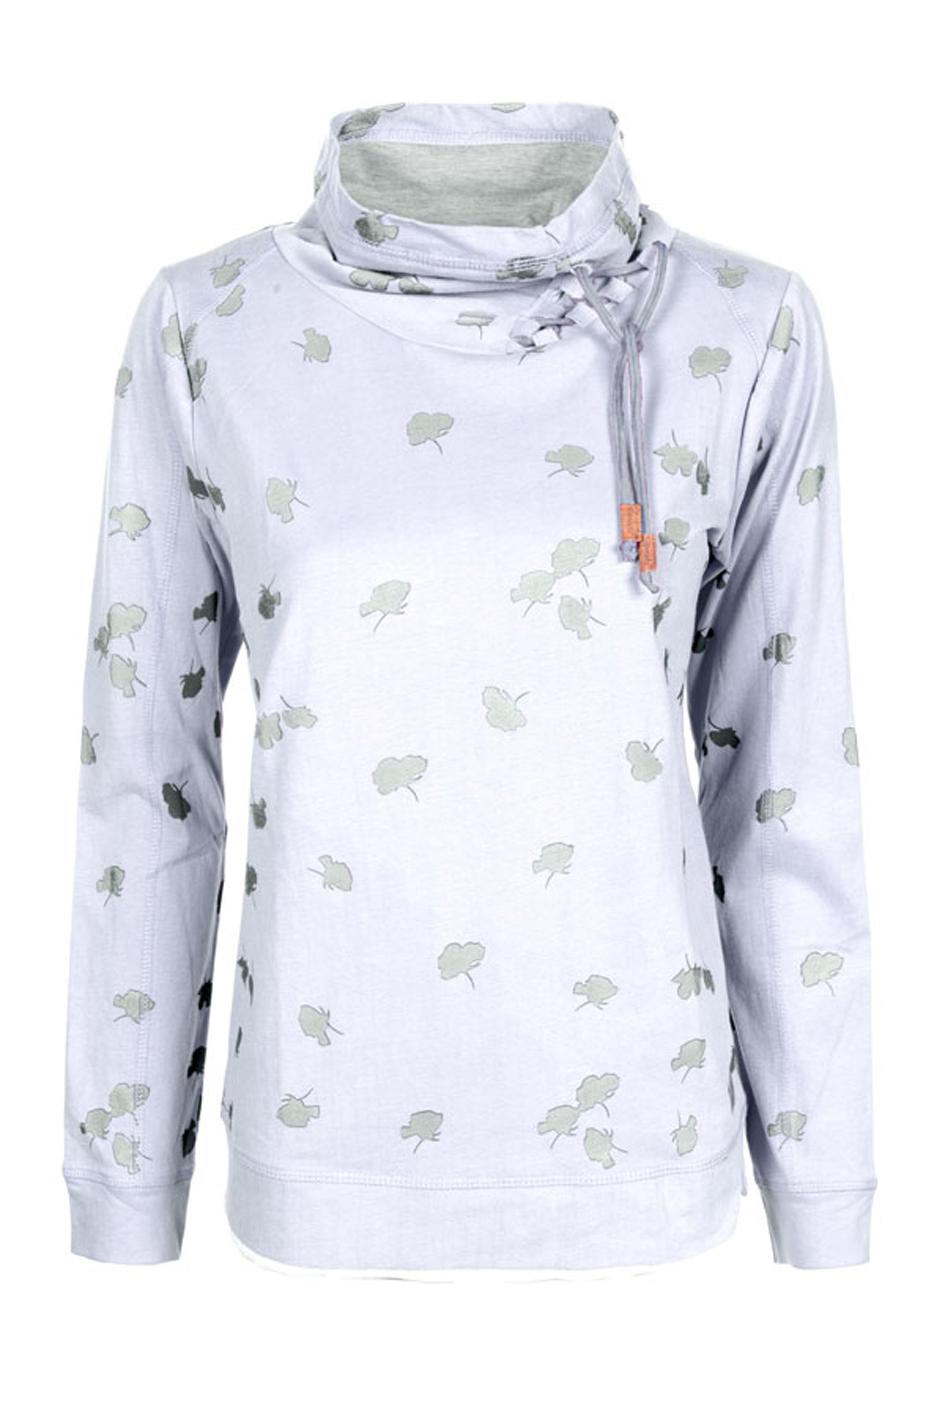 Soquesto Shirt Hergard